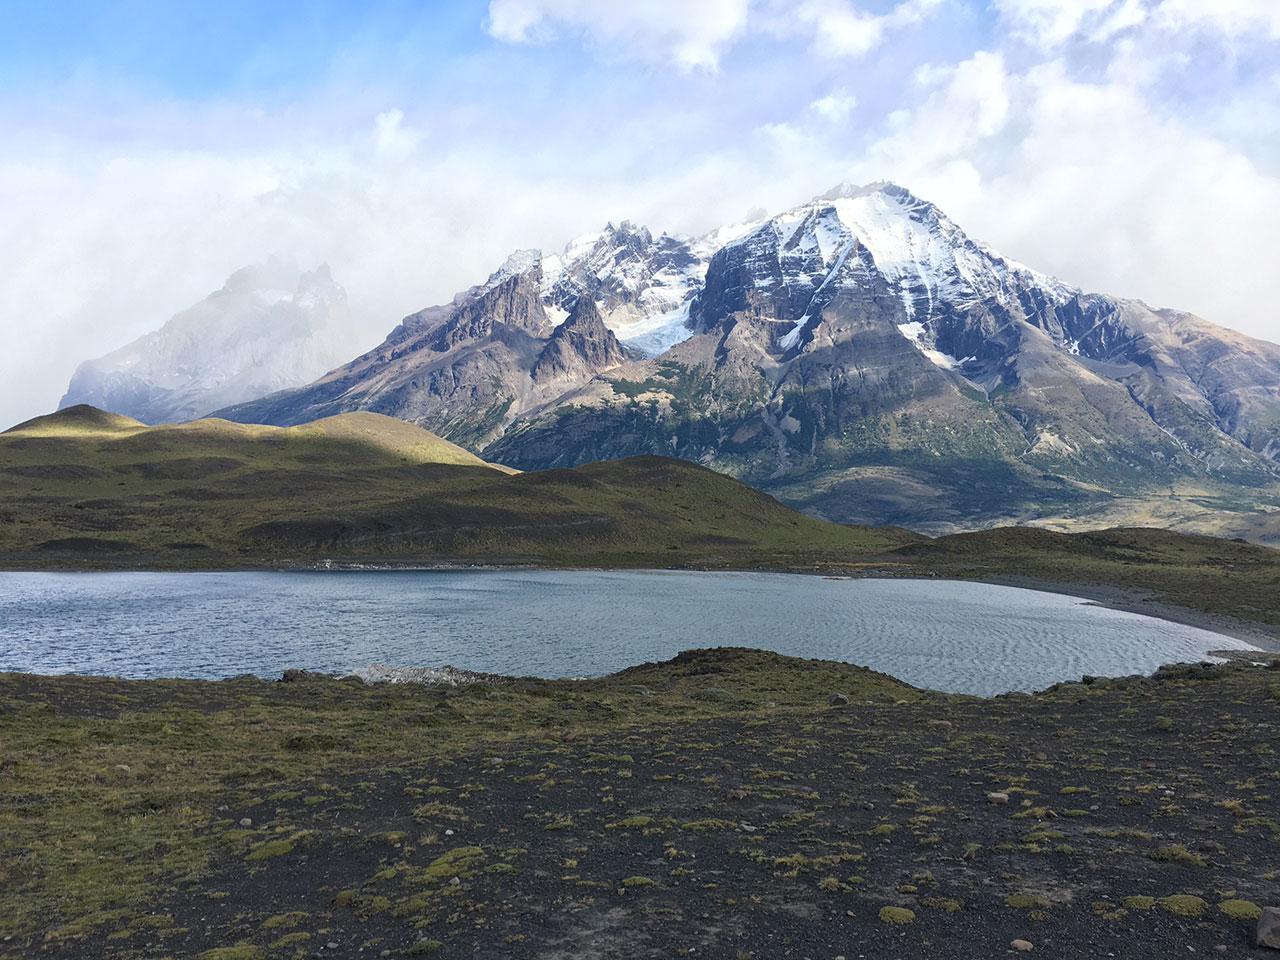 patagoniaaaa.jpg